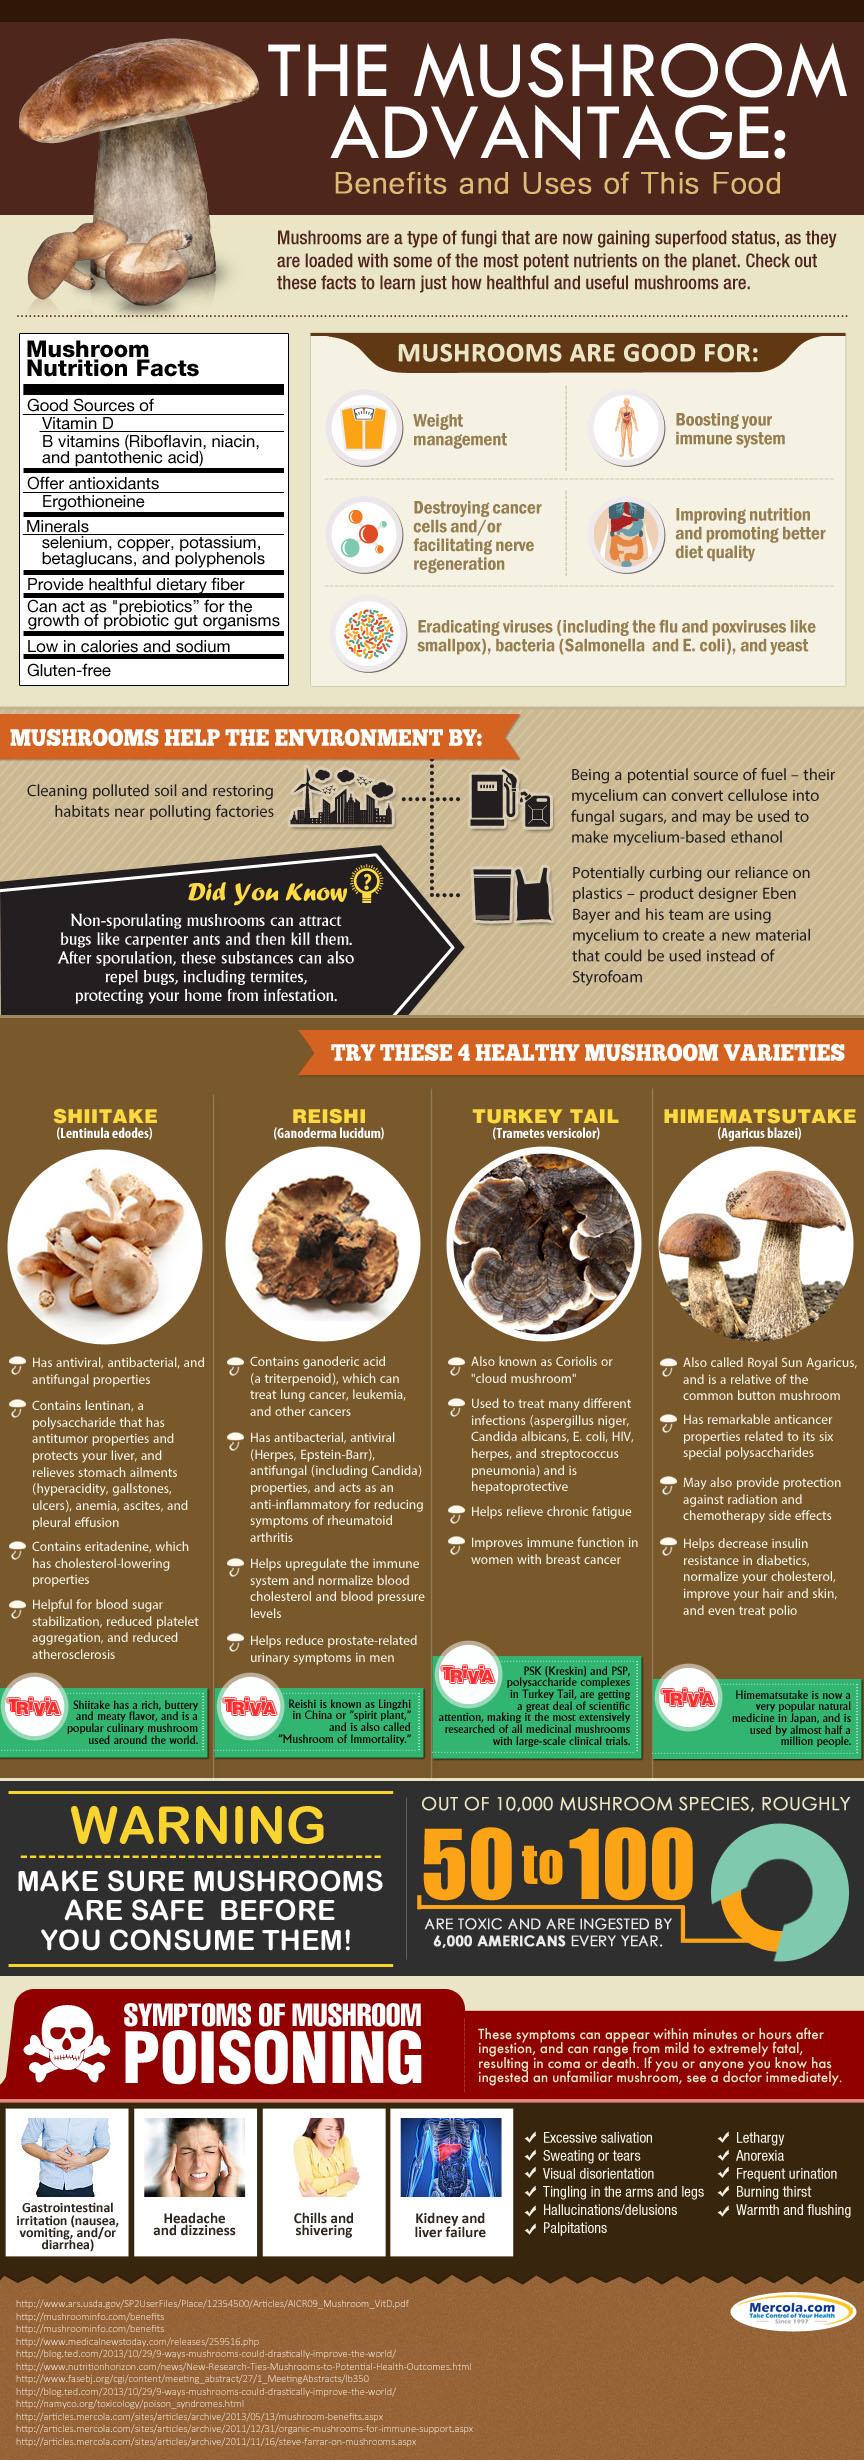 The Mushroom Advantage: Benefits and Uses of Mushroom